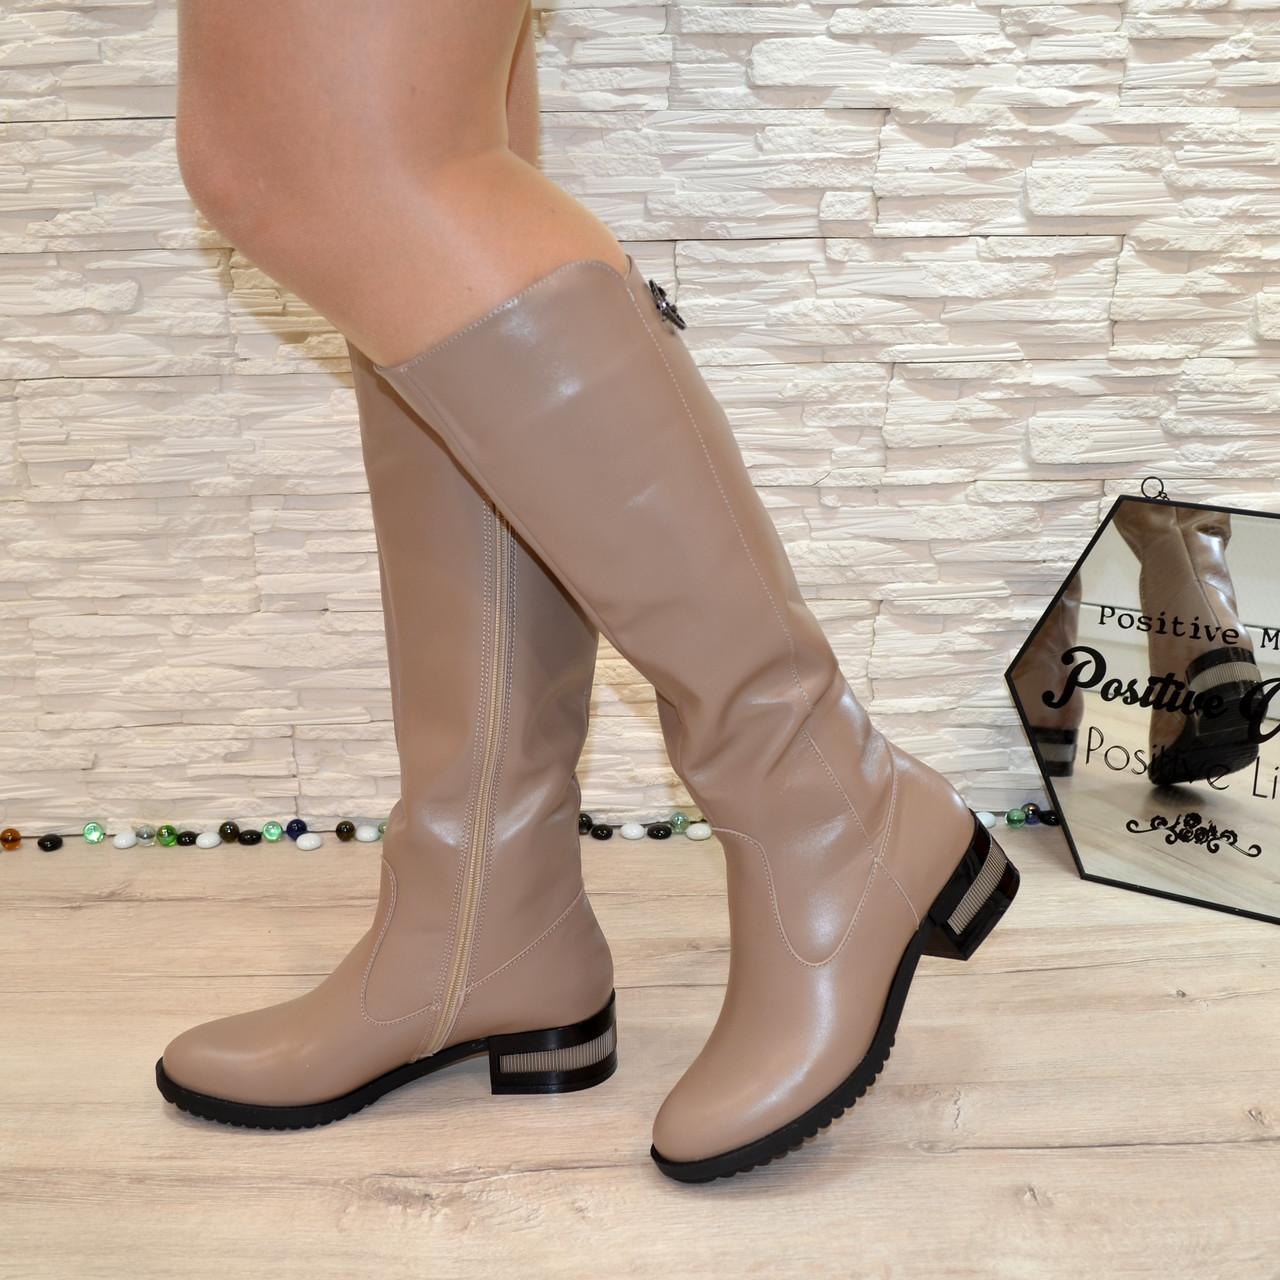 Сапоги кожаные зимние на невысоком каблуке, цвет визон